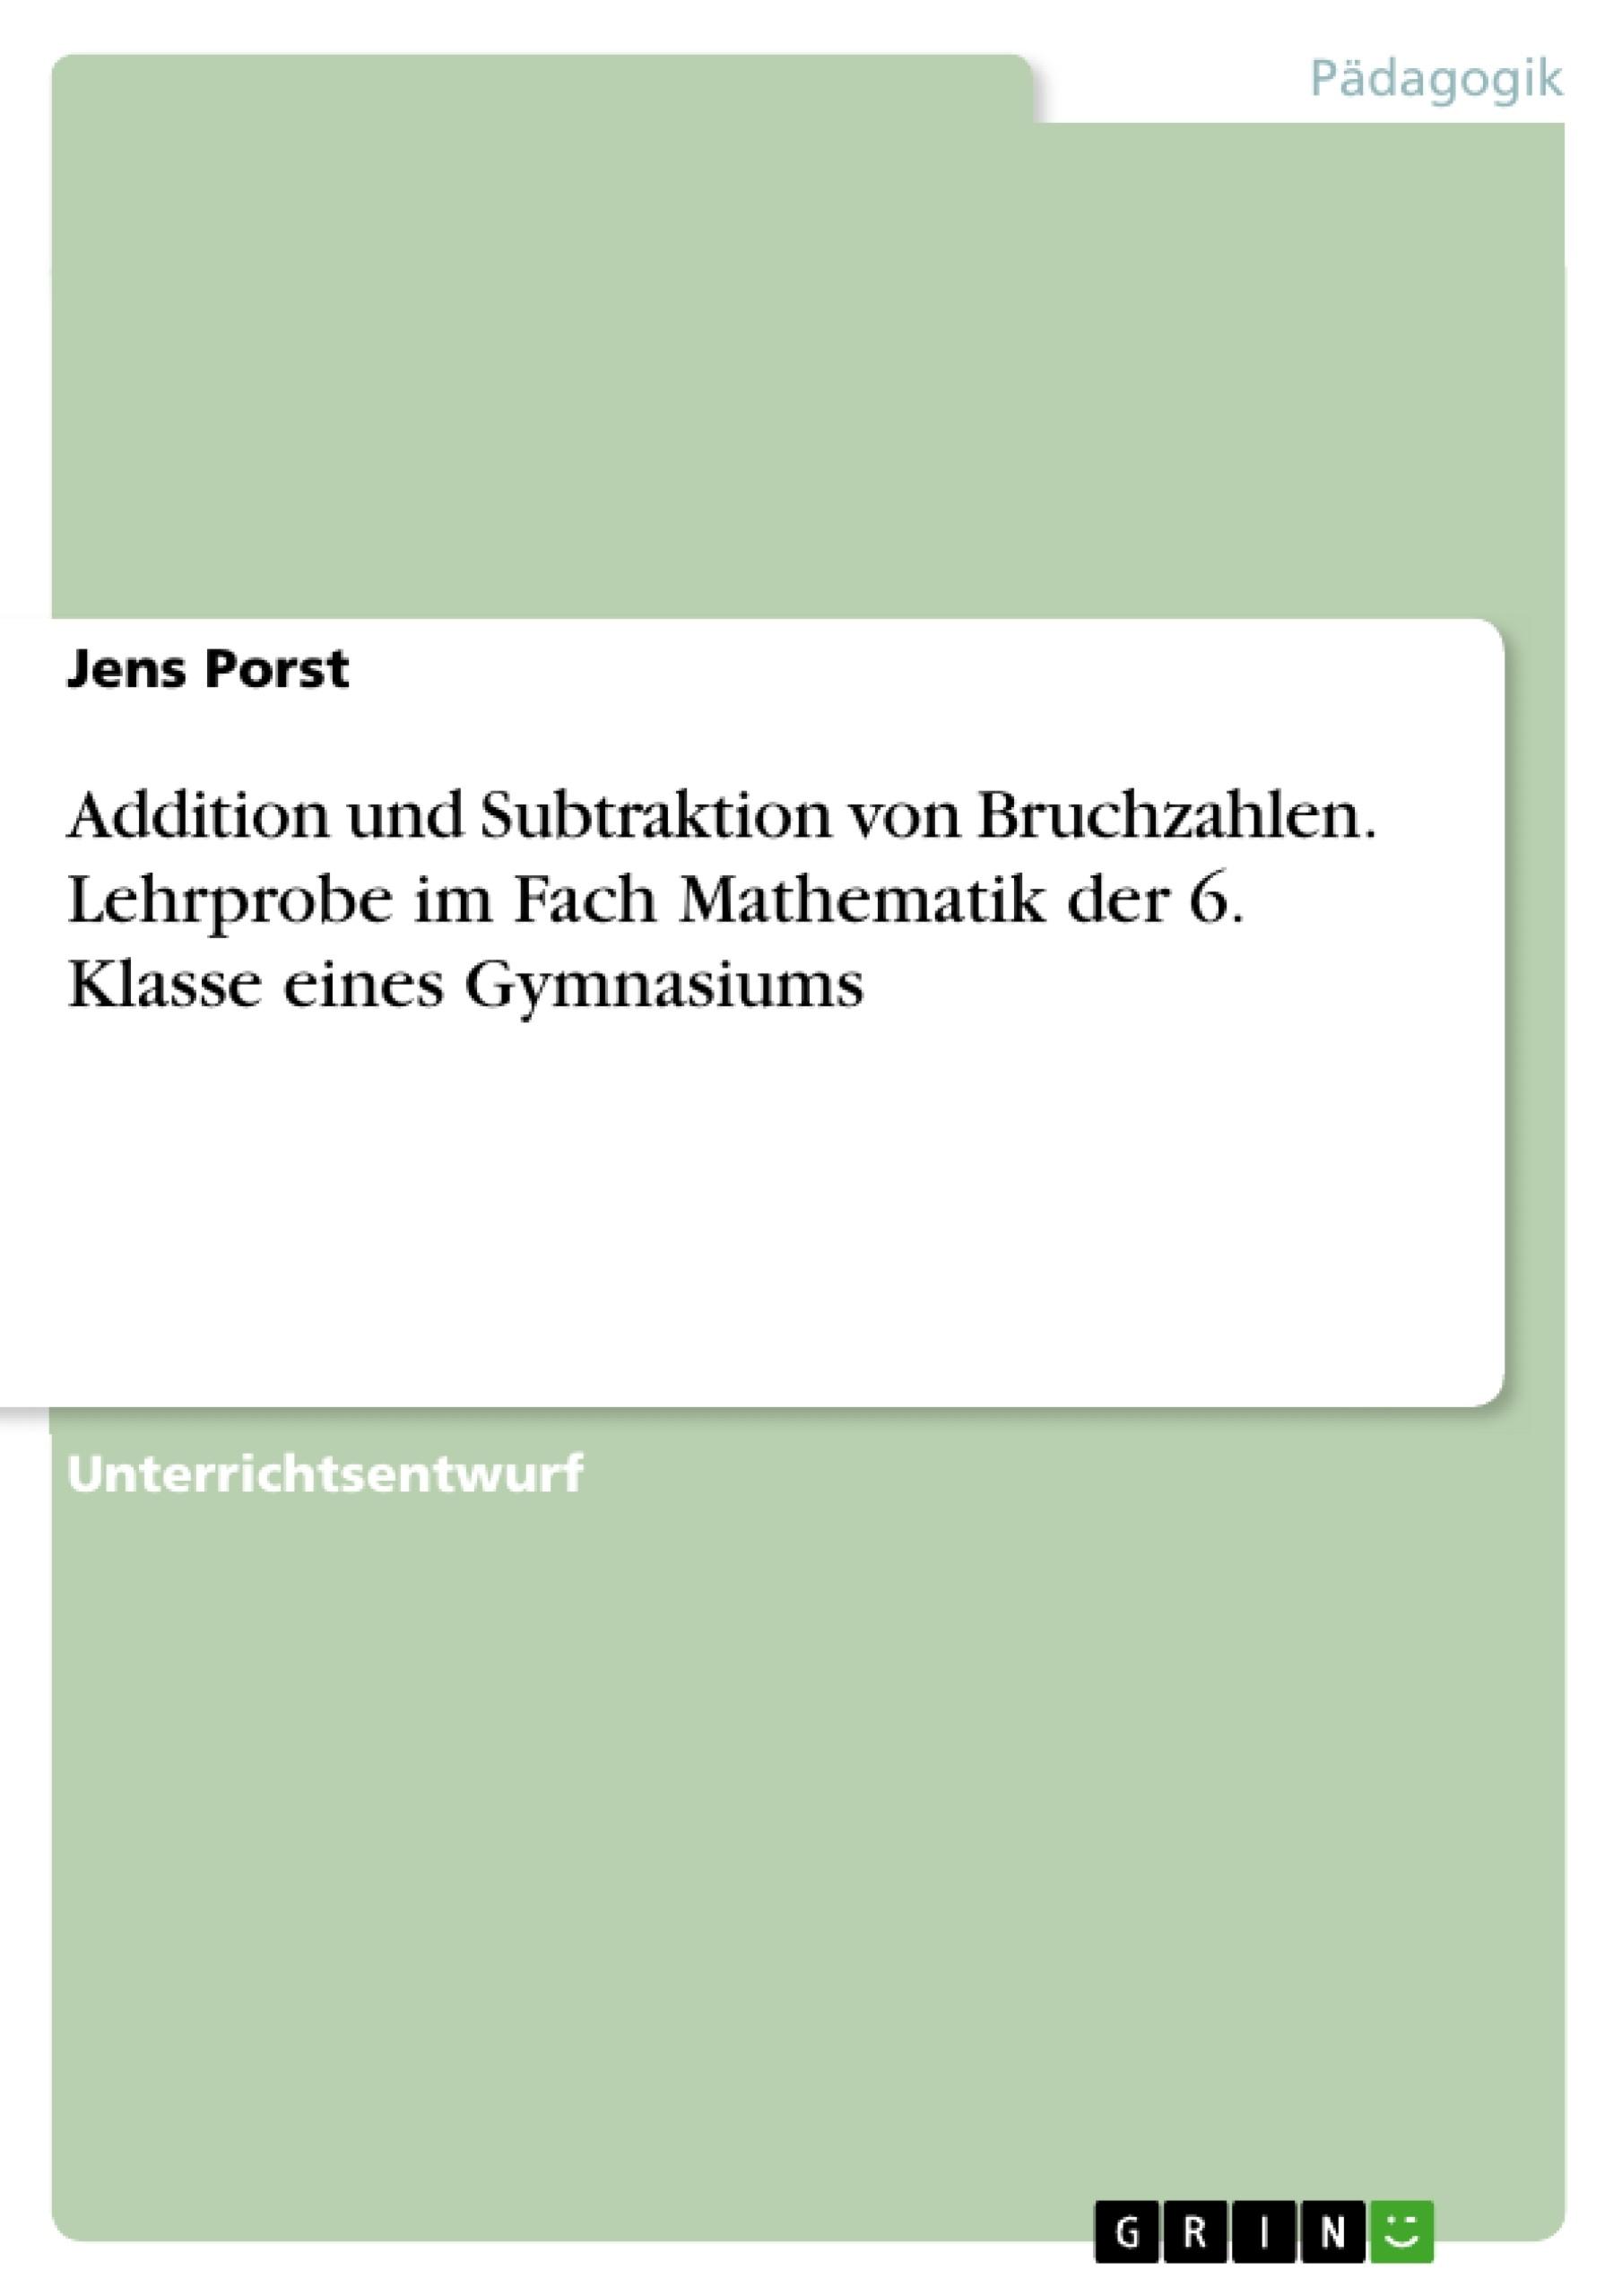 Titel: Addition und Subtraktion von Bruchzahlen. Lehrprobe im Fach Mathematik der 6. Klasse eines Gymnasiums